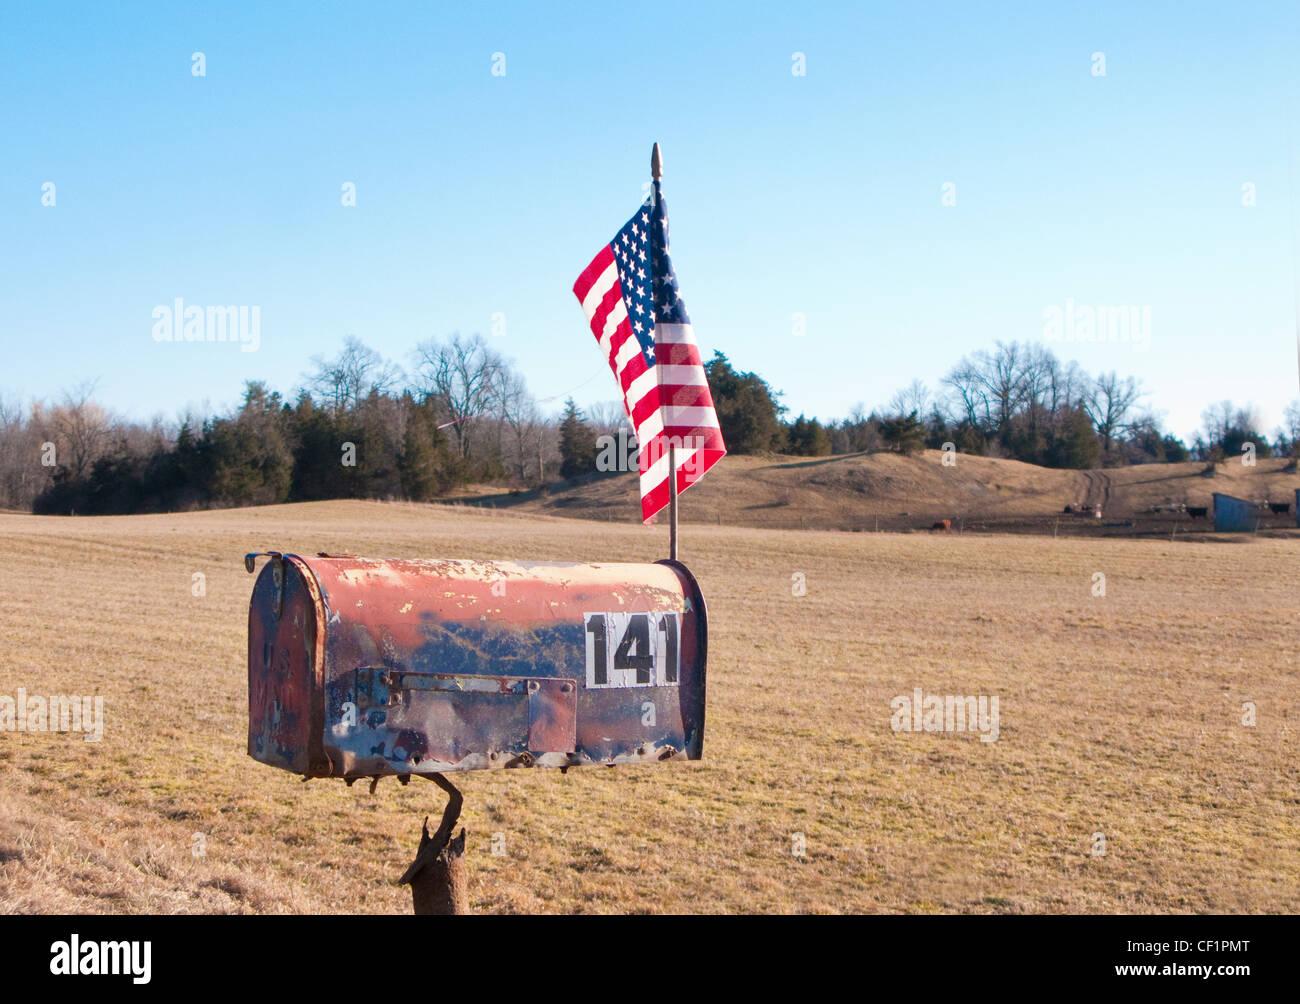 Buzón rural en carretera con bandera americana Imagen De Stock